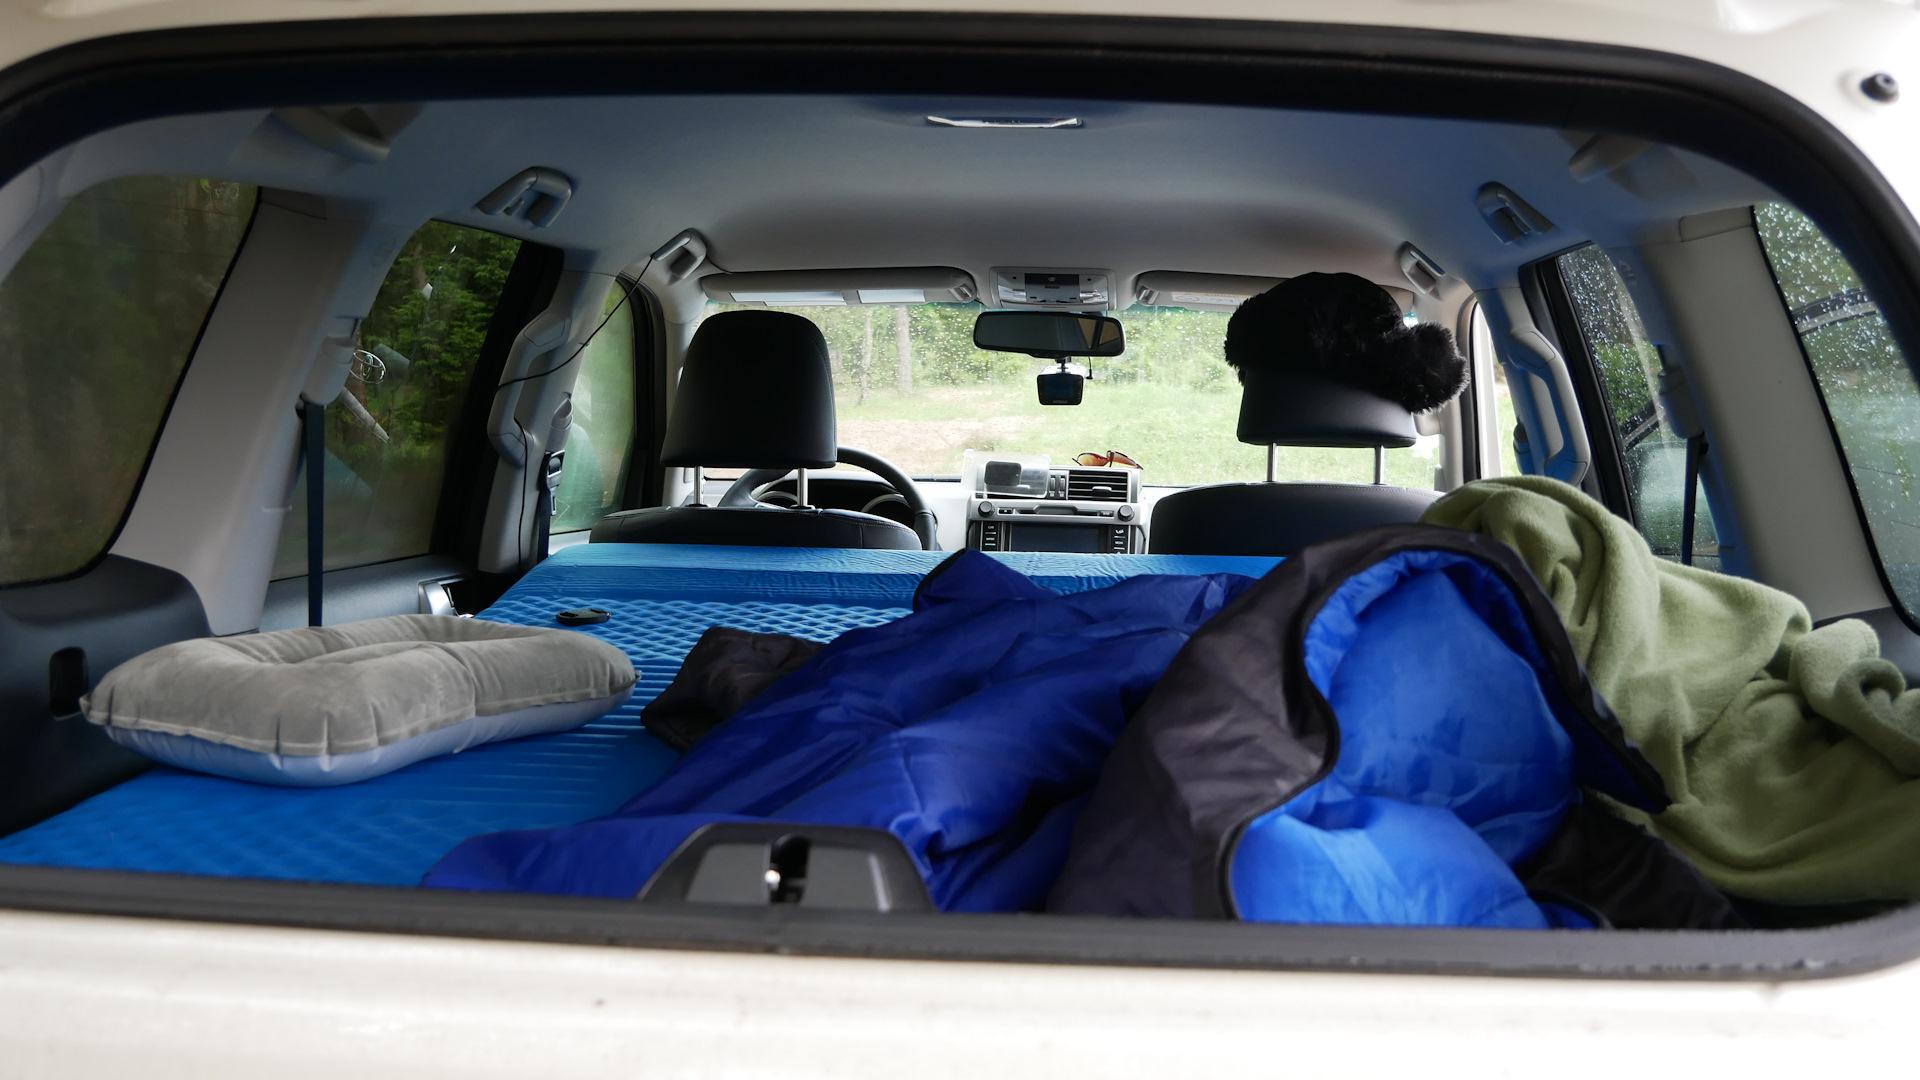 профессор спальное место в машине фото обои, фото, картинки